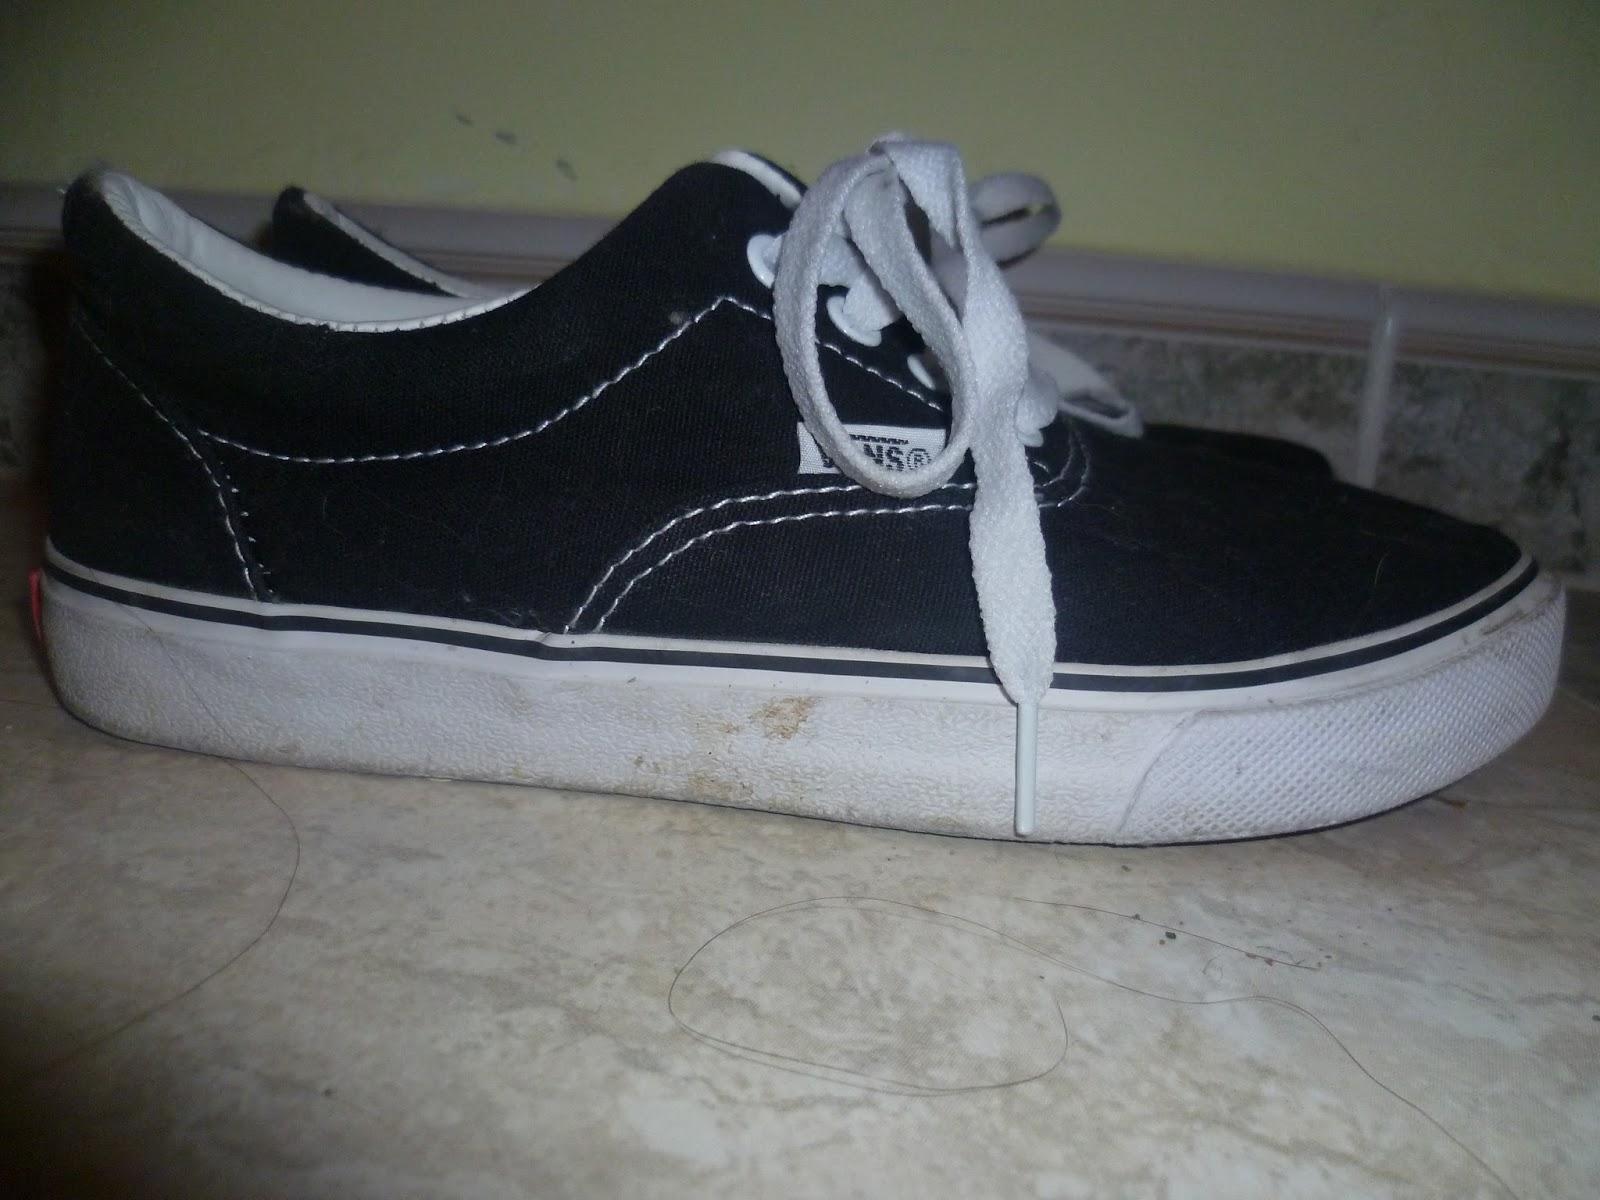 Imitaciones Vans Zapatos zapatos 2018 Vans Imitaciones 4ARjL35